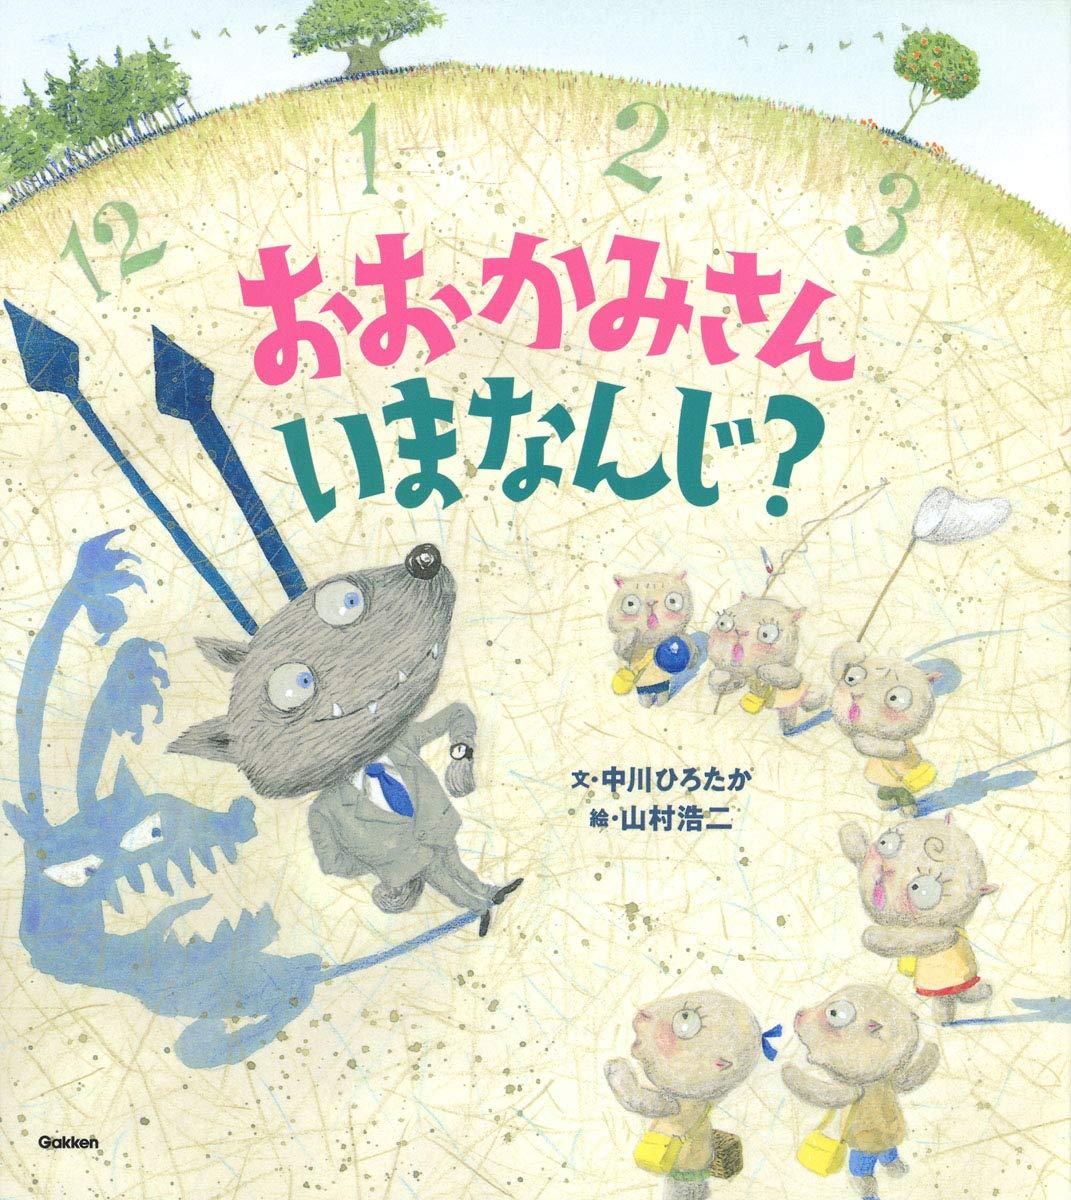 絵本「おおかみさんいまなんじ?」の表紙